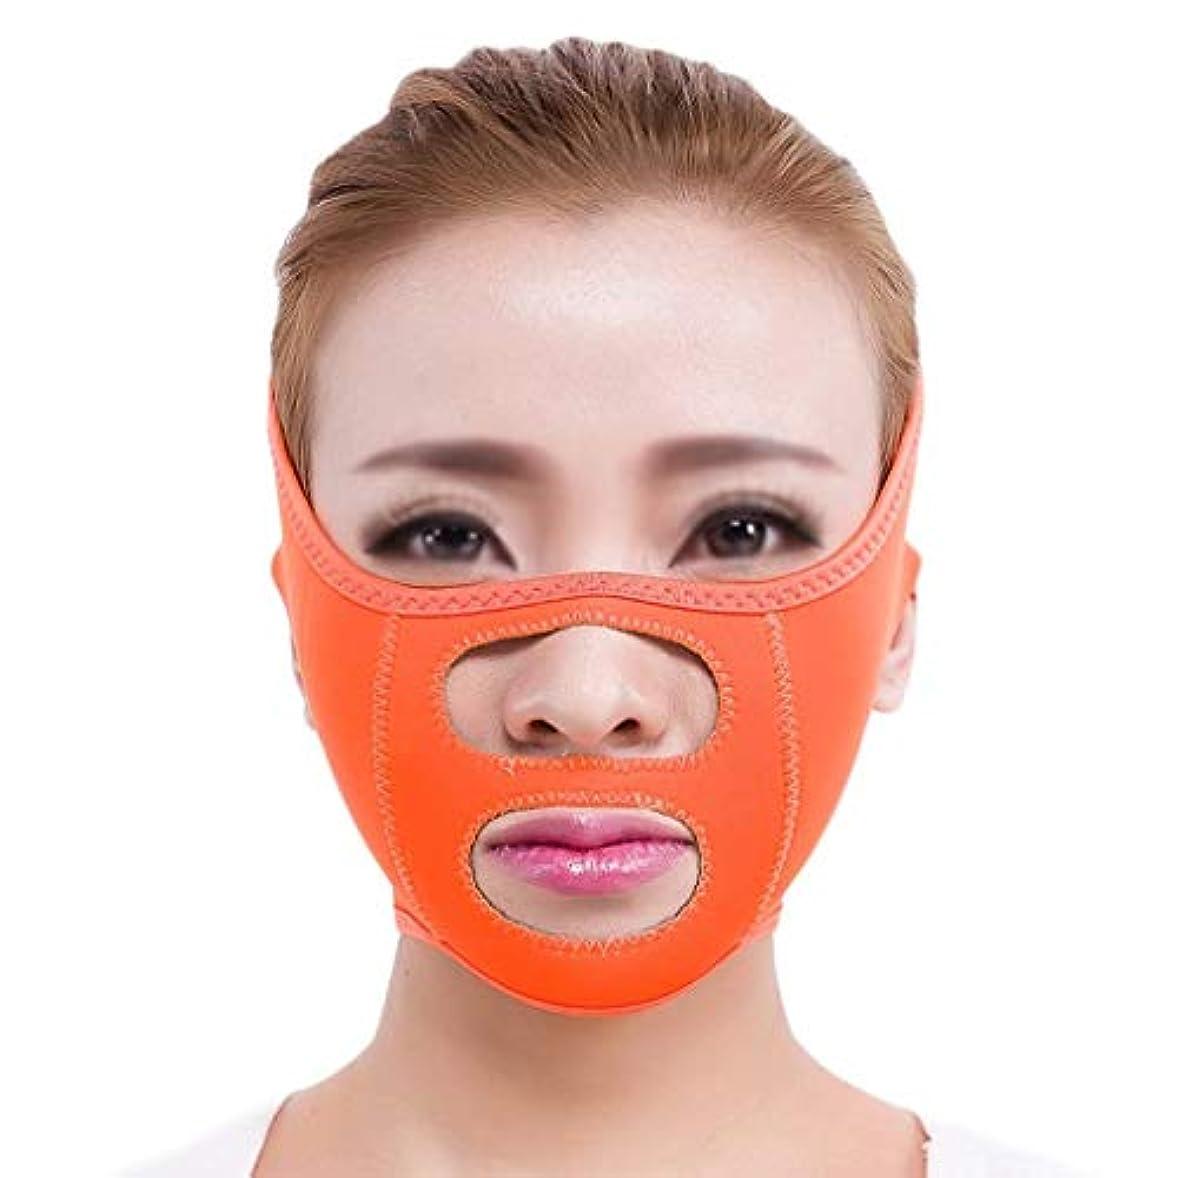 カスケードクレア幸運なチンストラップ、フェイスリフティングマスク、ダブルチン、フェイスリフティングに最適、リフティングフェイシャルスキン、フェイシャル減量マスク、フェイスリフティングベルト(フリーサイズ)(カラー:ブルー),オレンジ